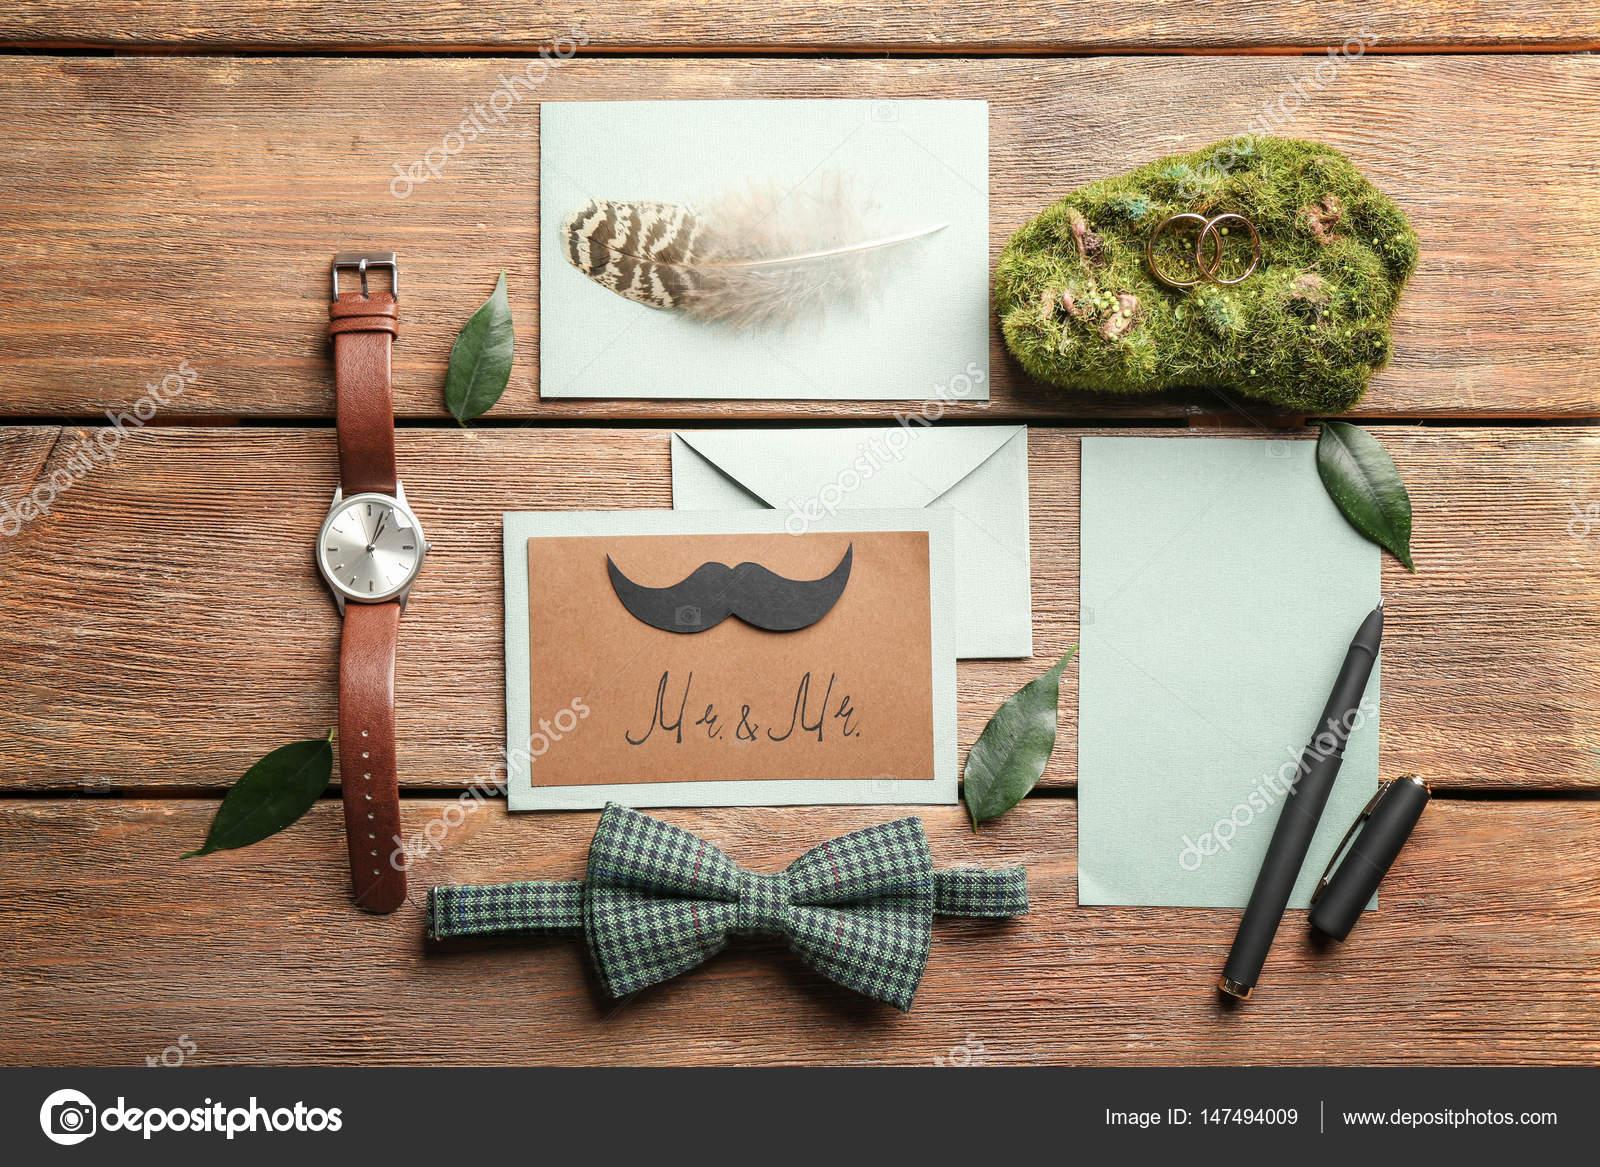 Gay Hochzeit Karte Einladung — Stockfoto © belchonock #147494009